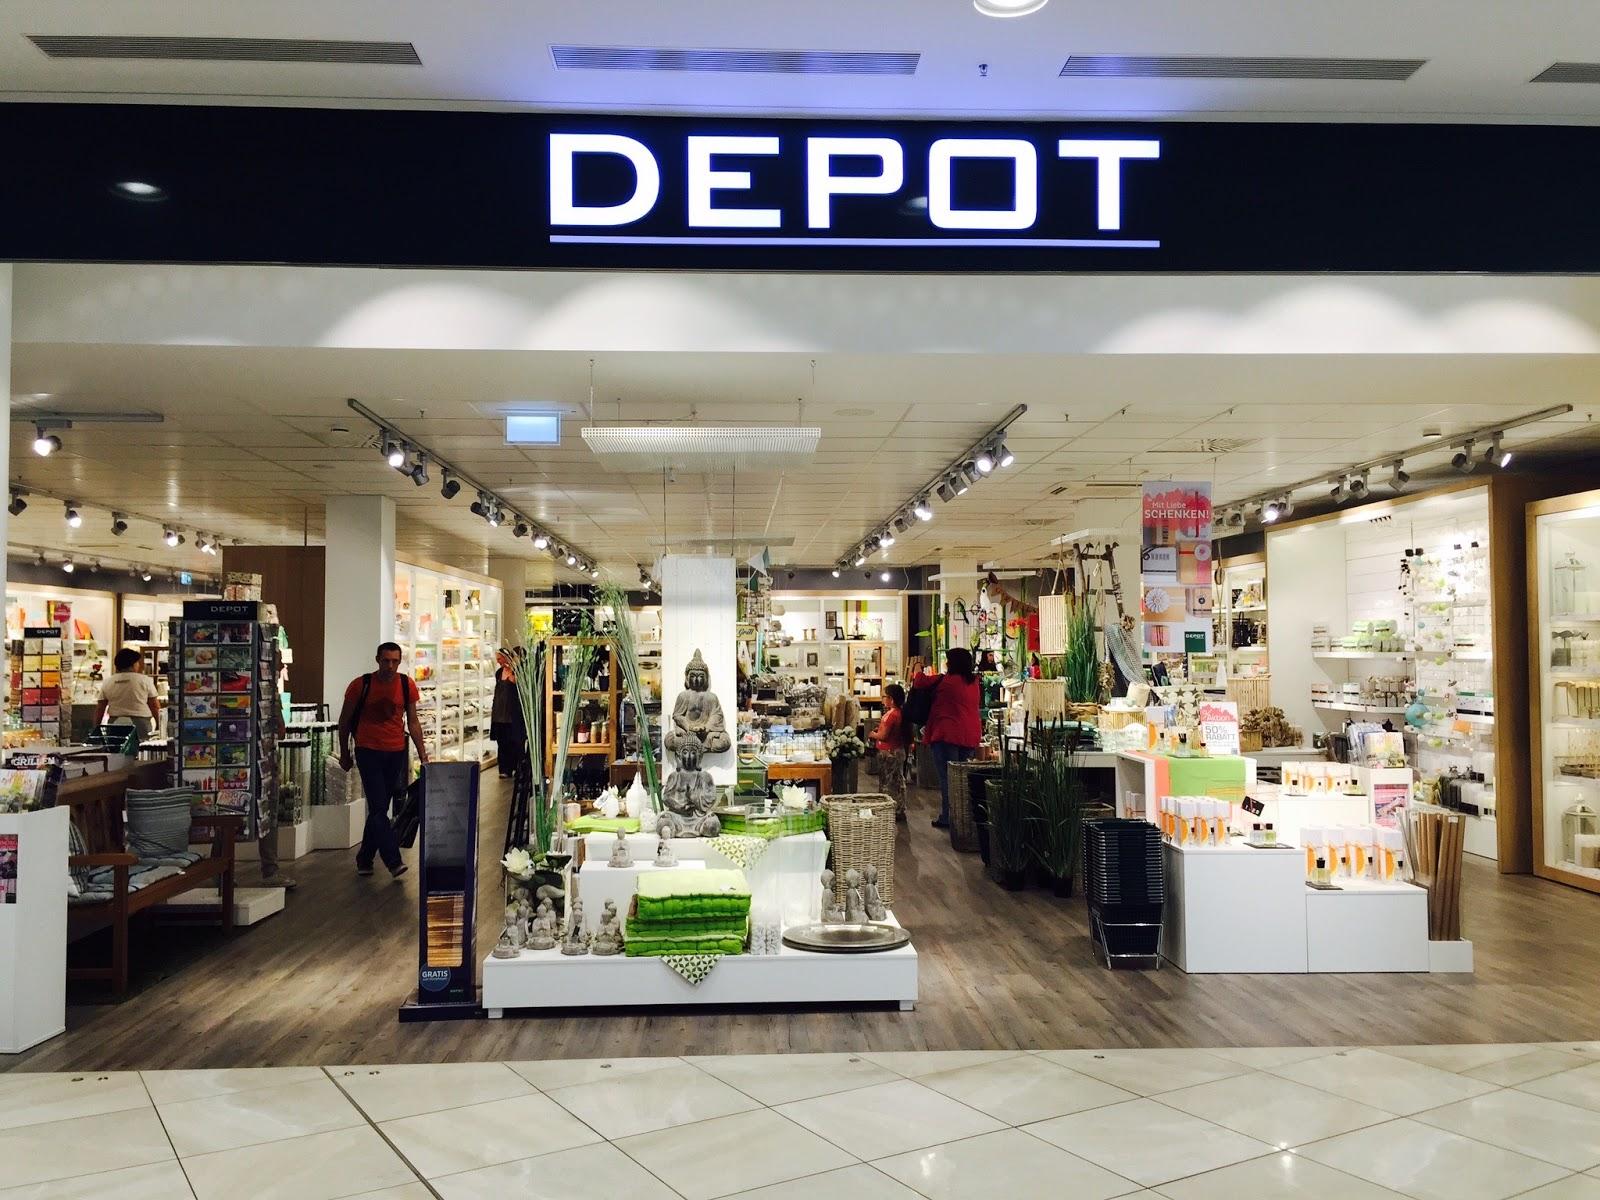 Aprikosengelb depot m bel wohnaccessoires und deko for Depot feuerbach